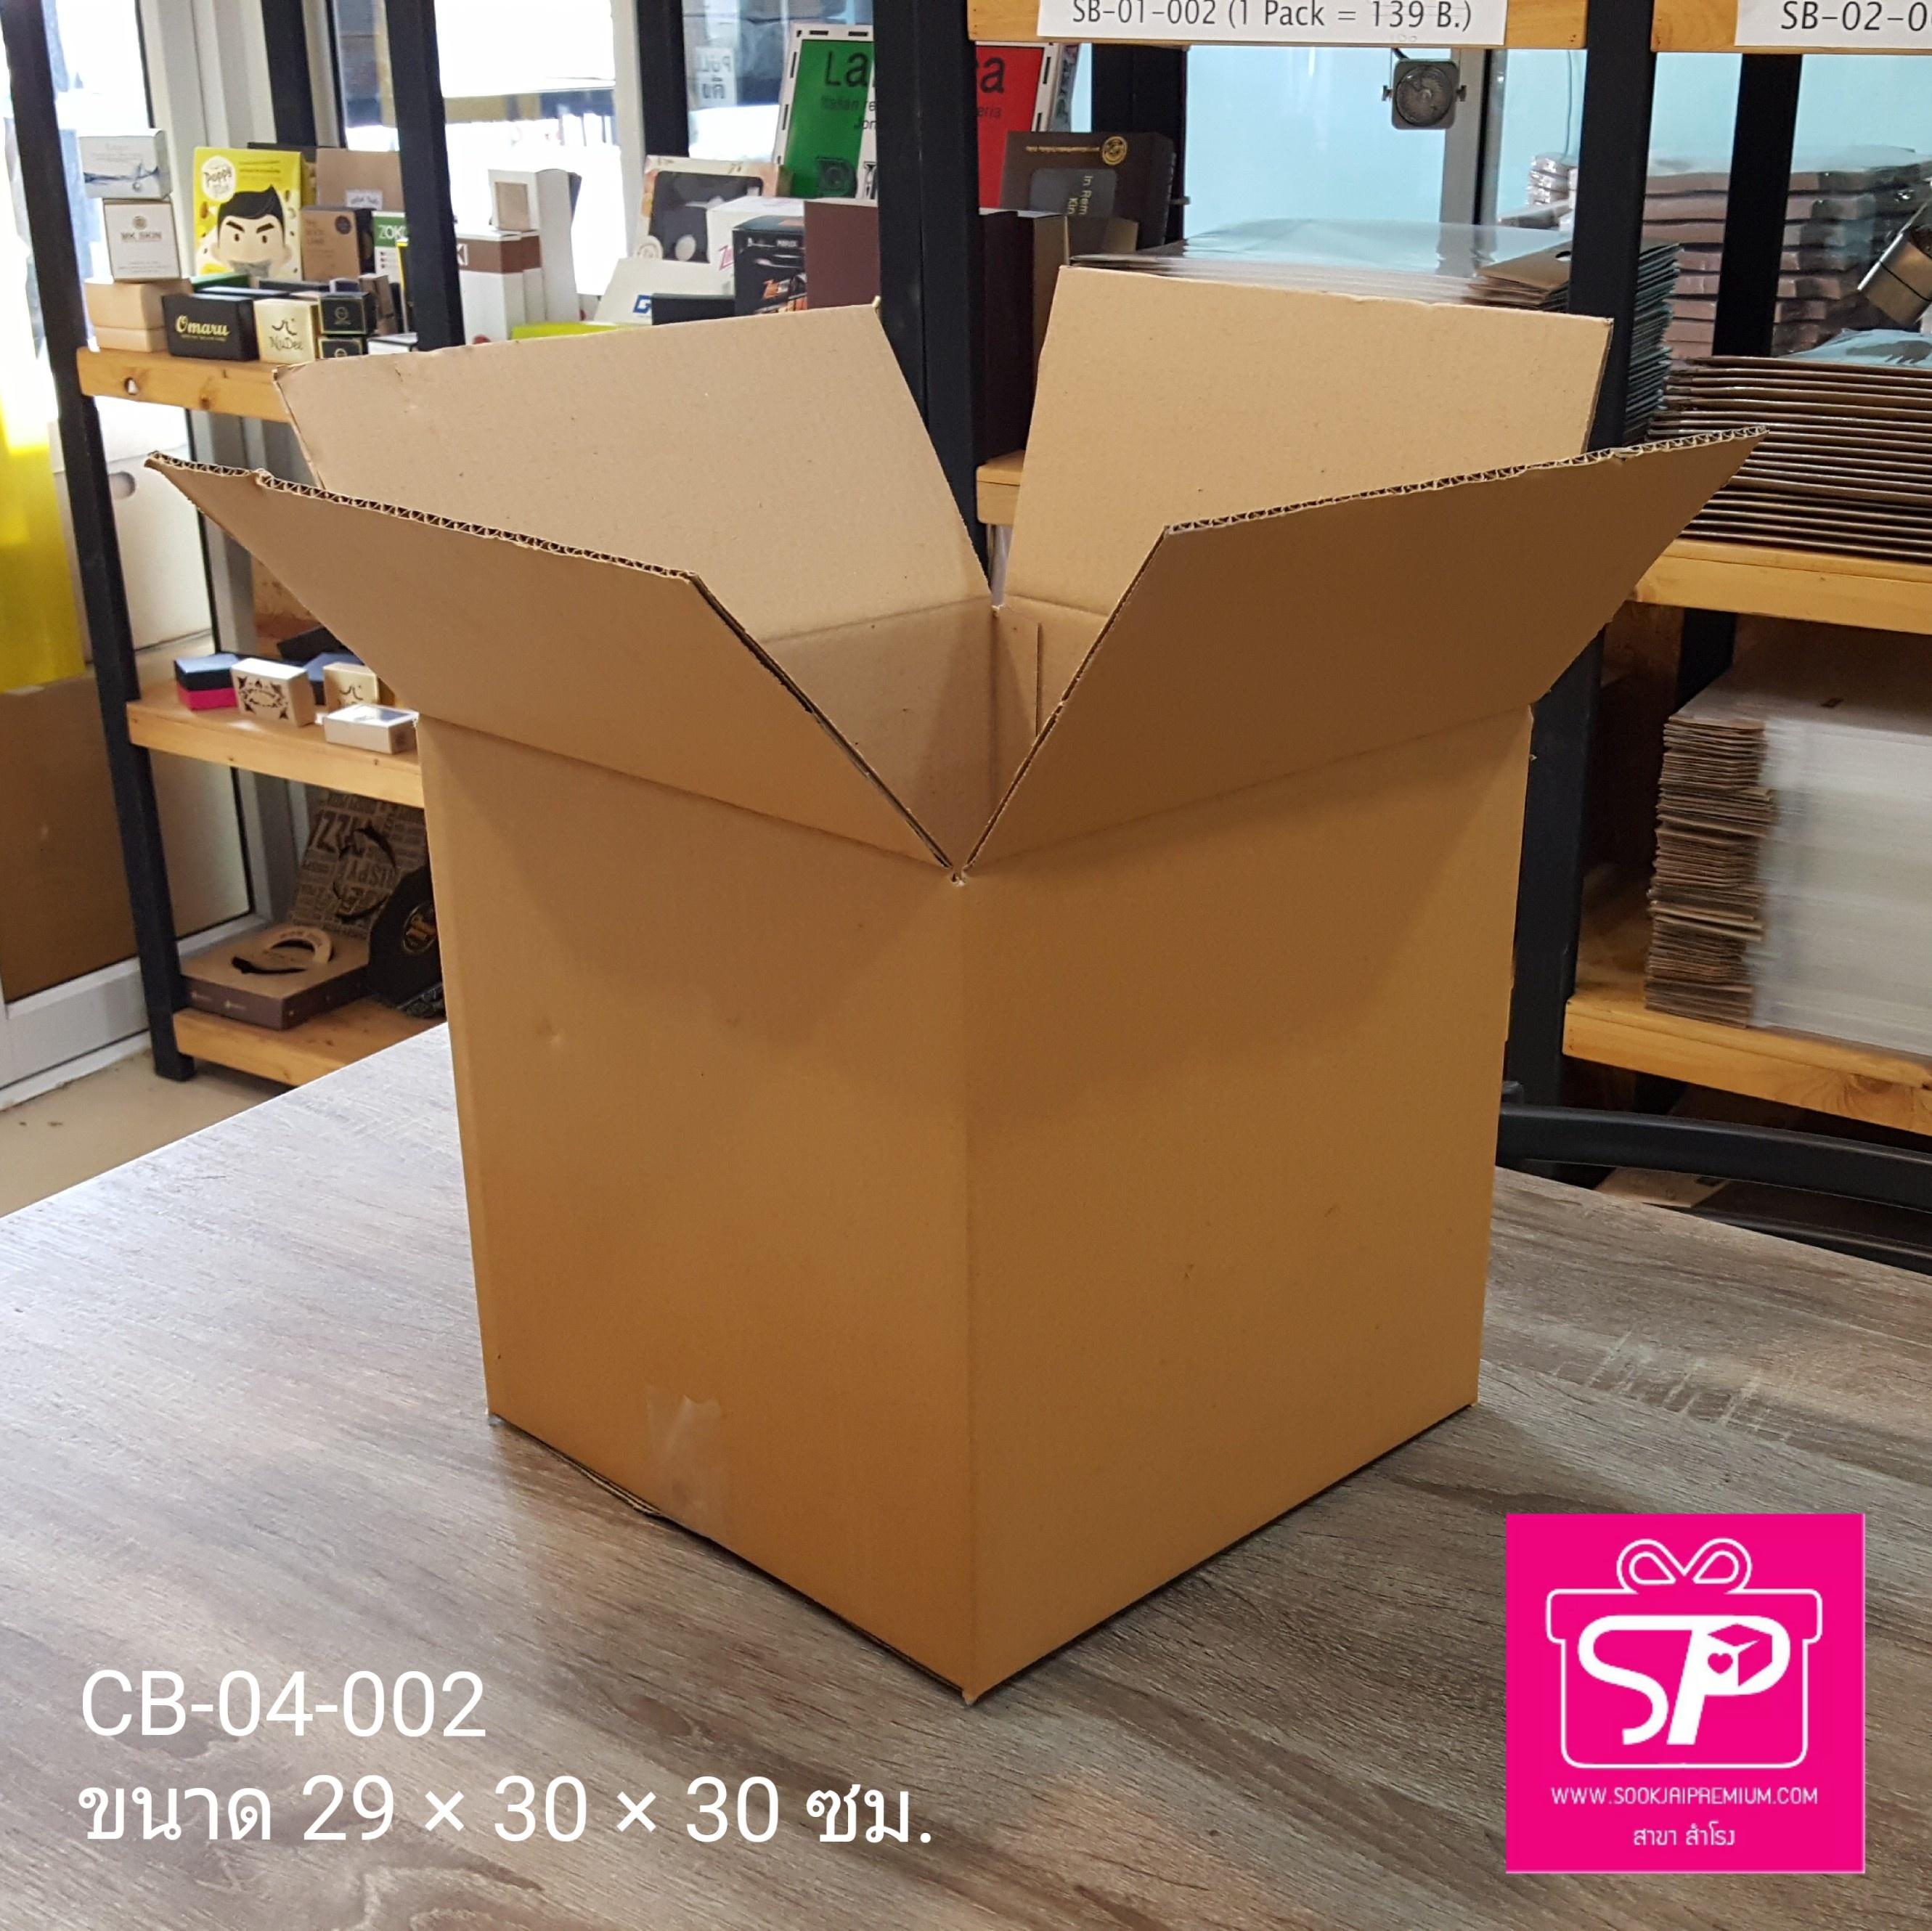 กล่องฝาชน ขนาด 29 × 30 × 30 ซม. (บรรจุ 20 กล่องต่อแพ็ค)